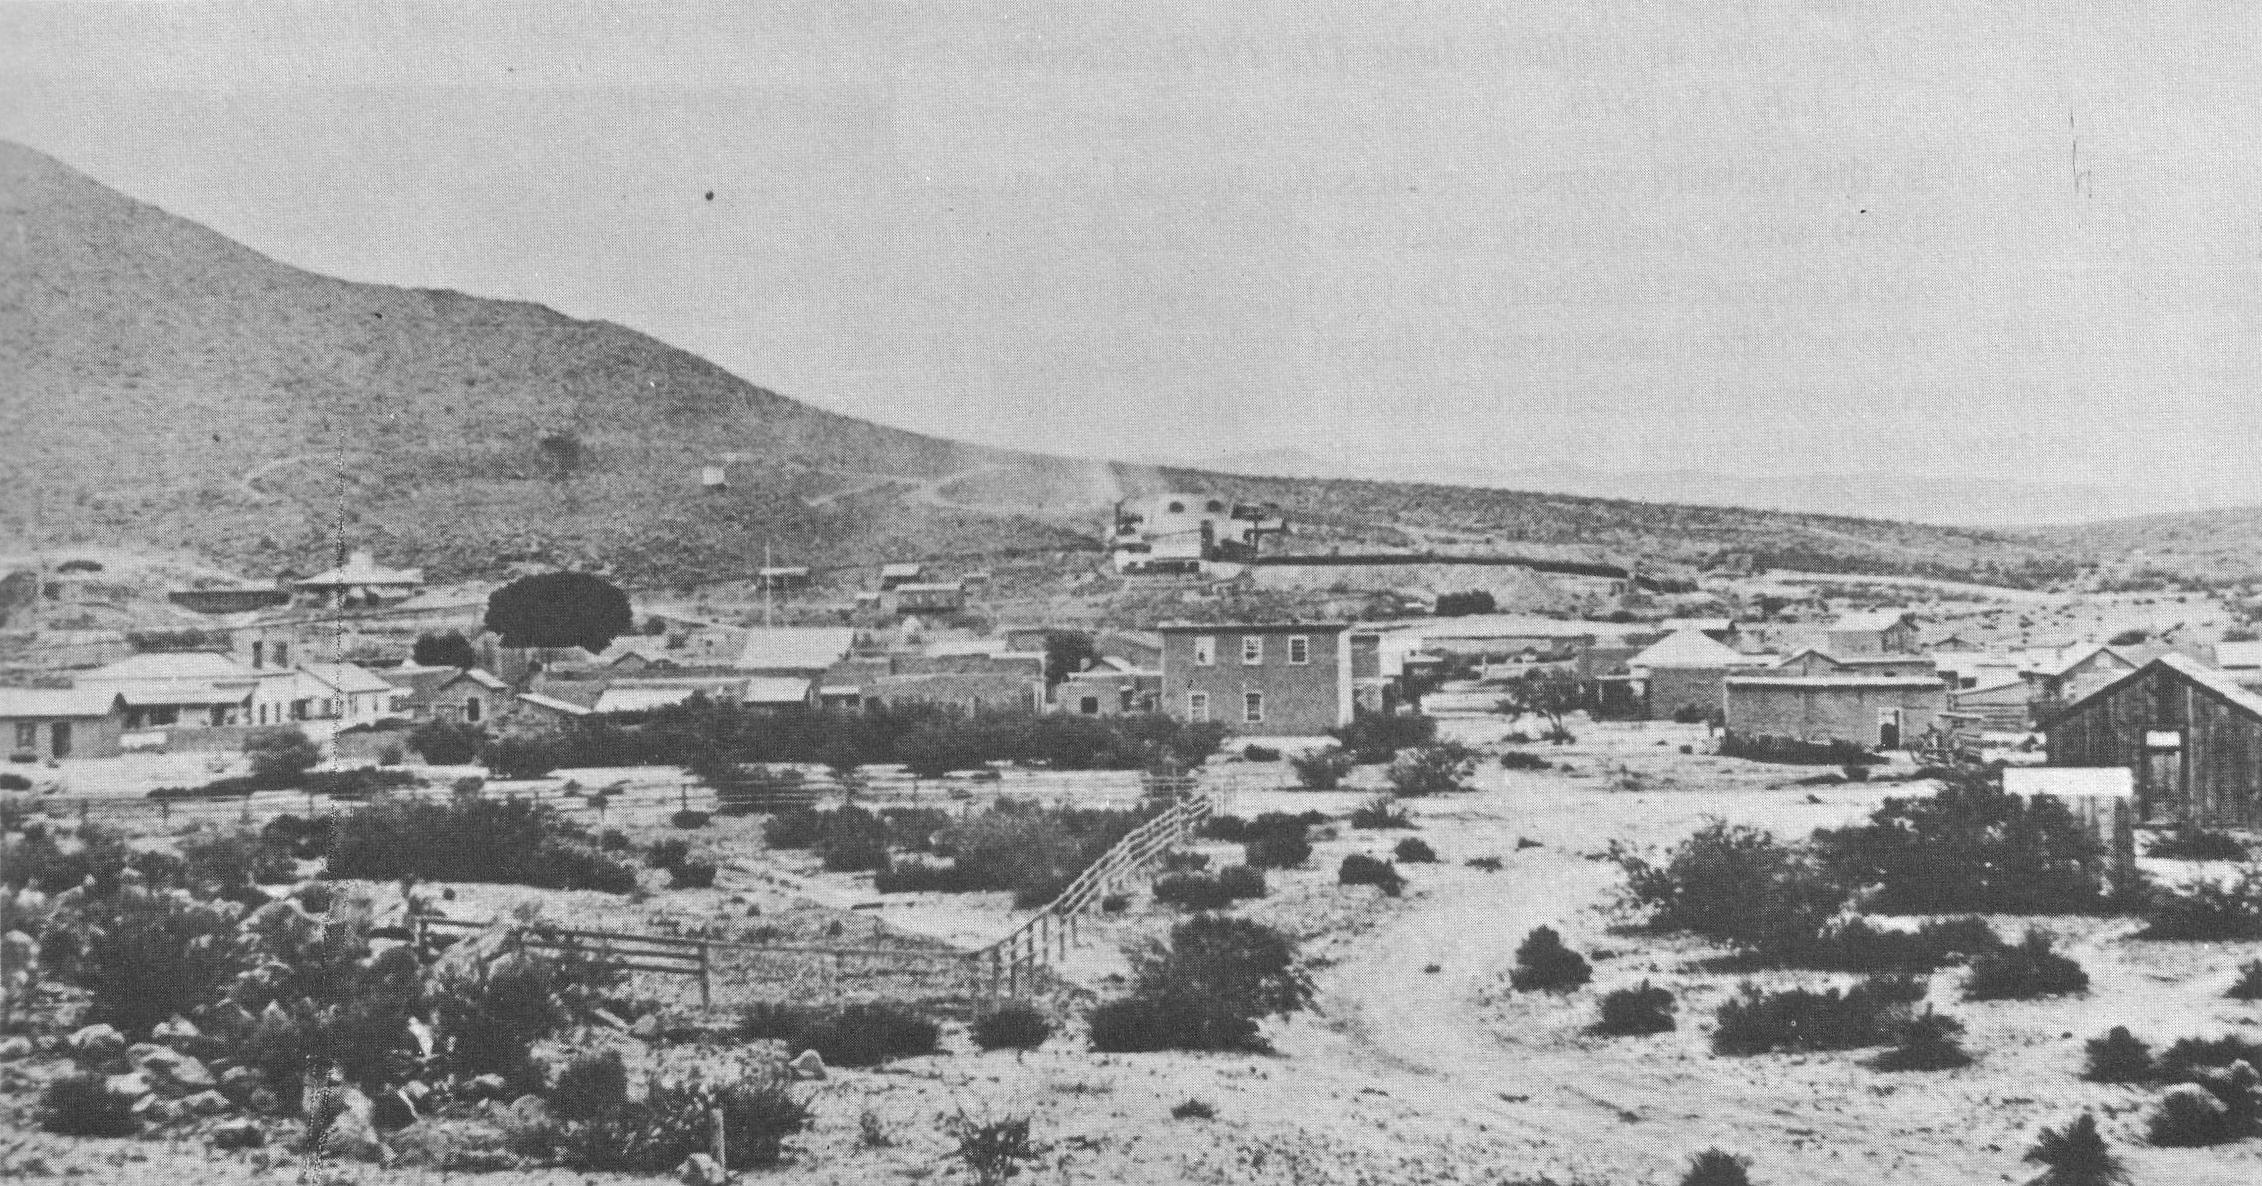 Alberta Mining Company Silver City New Mexico